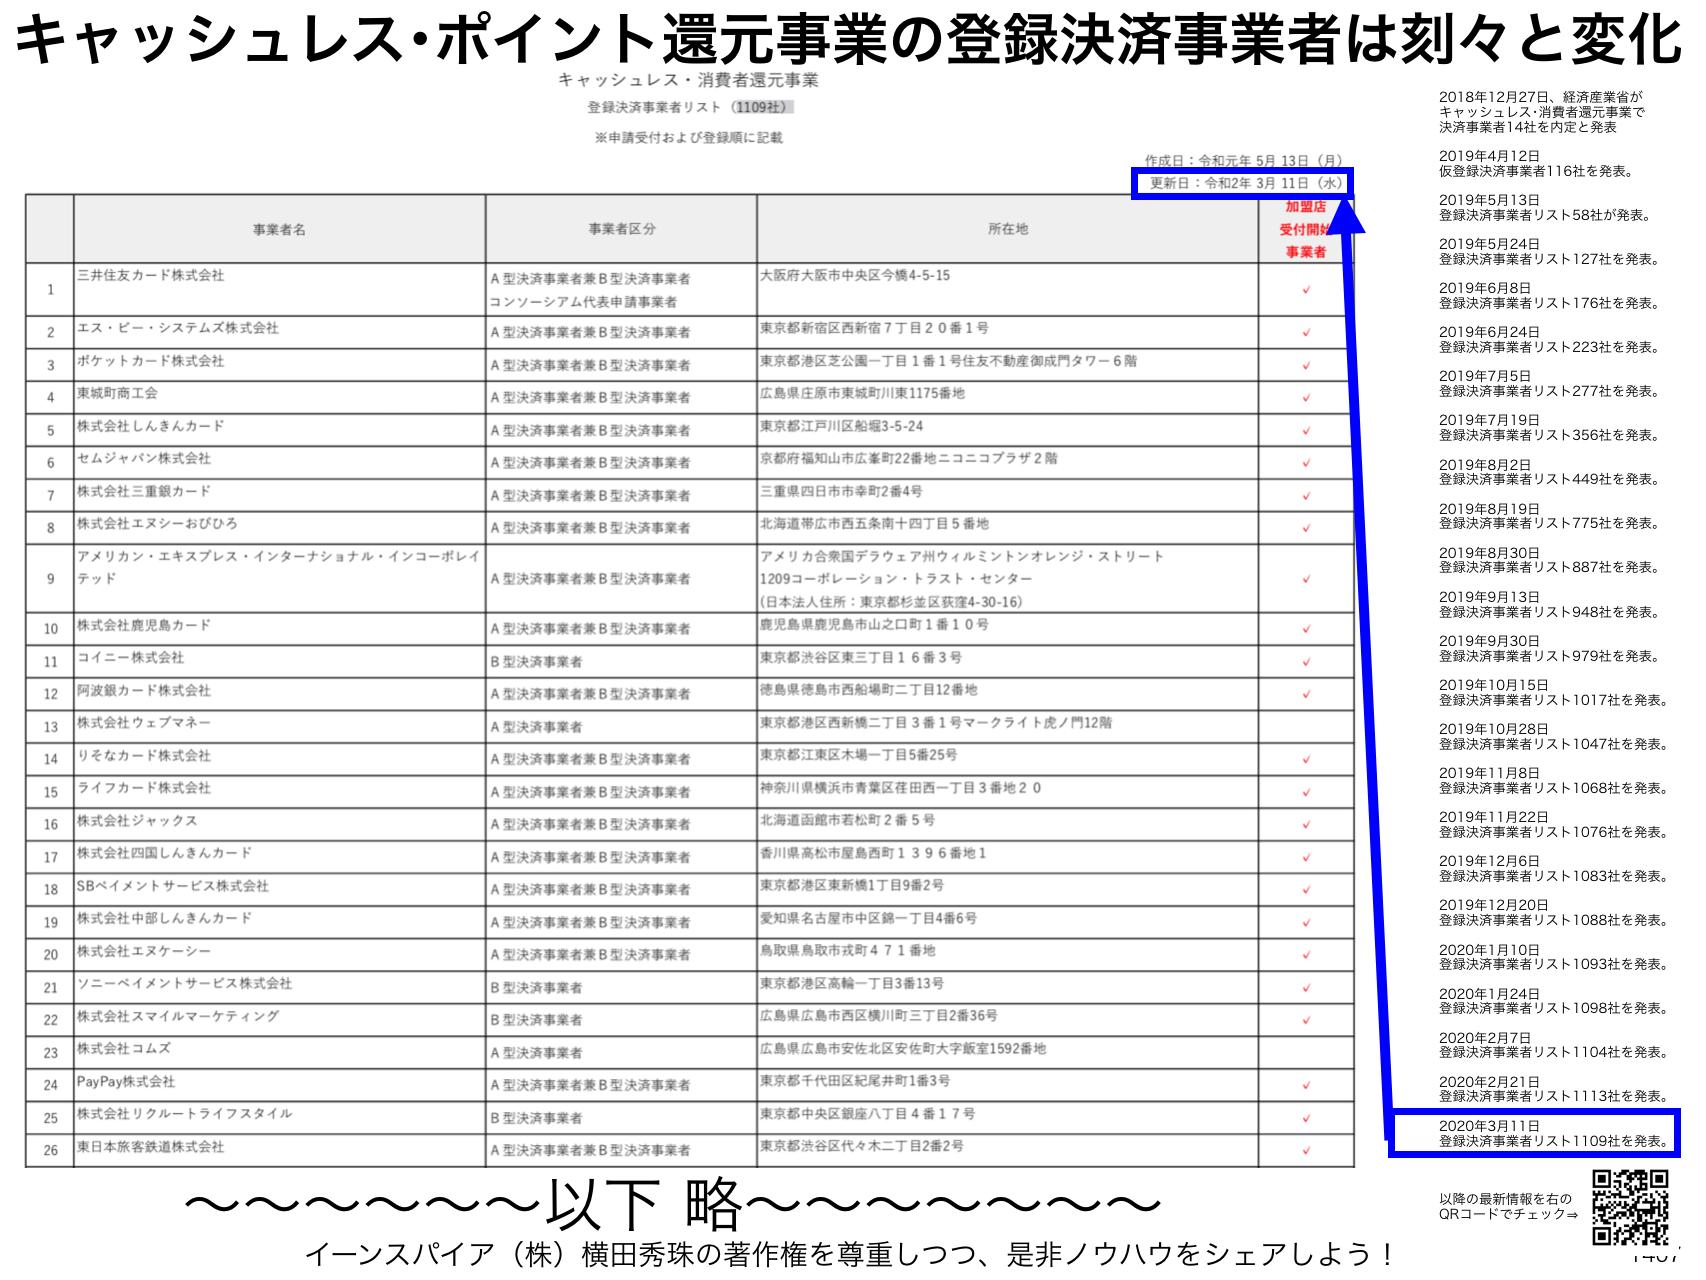 キャッシュレス・消費者還元事業 登録決済事業者リスト1109社